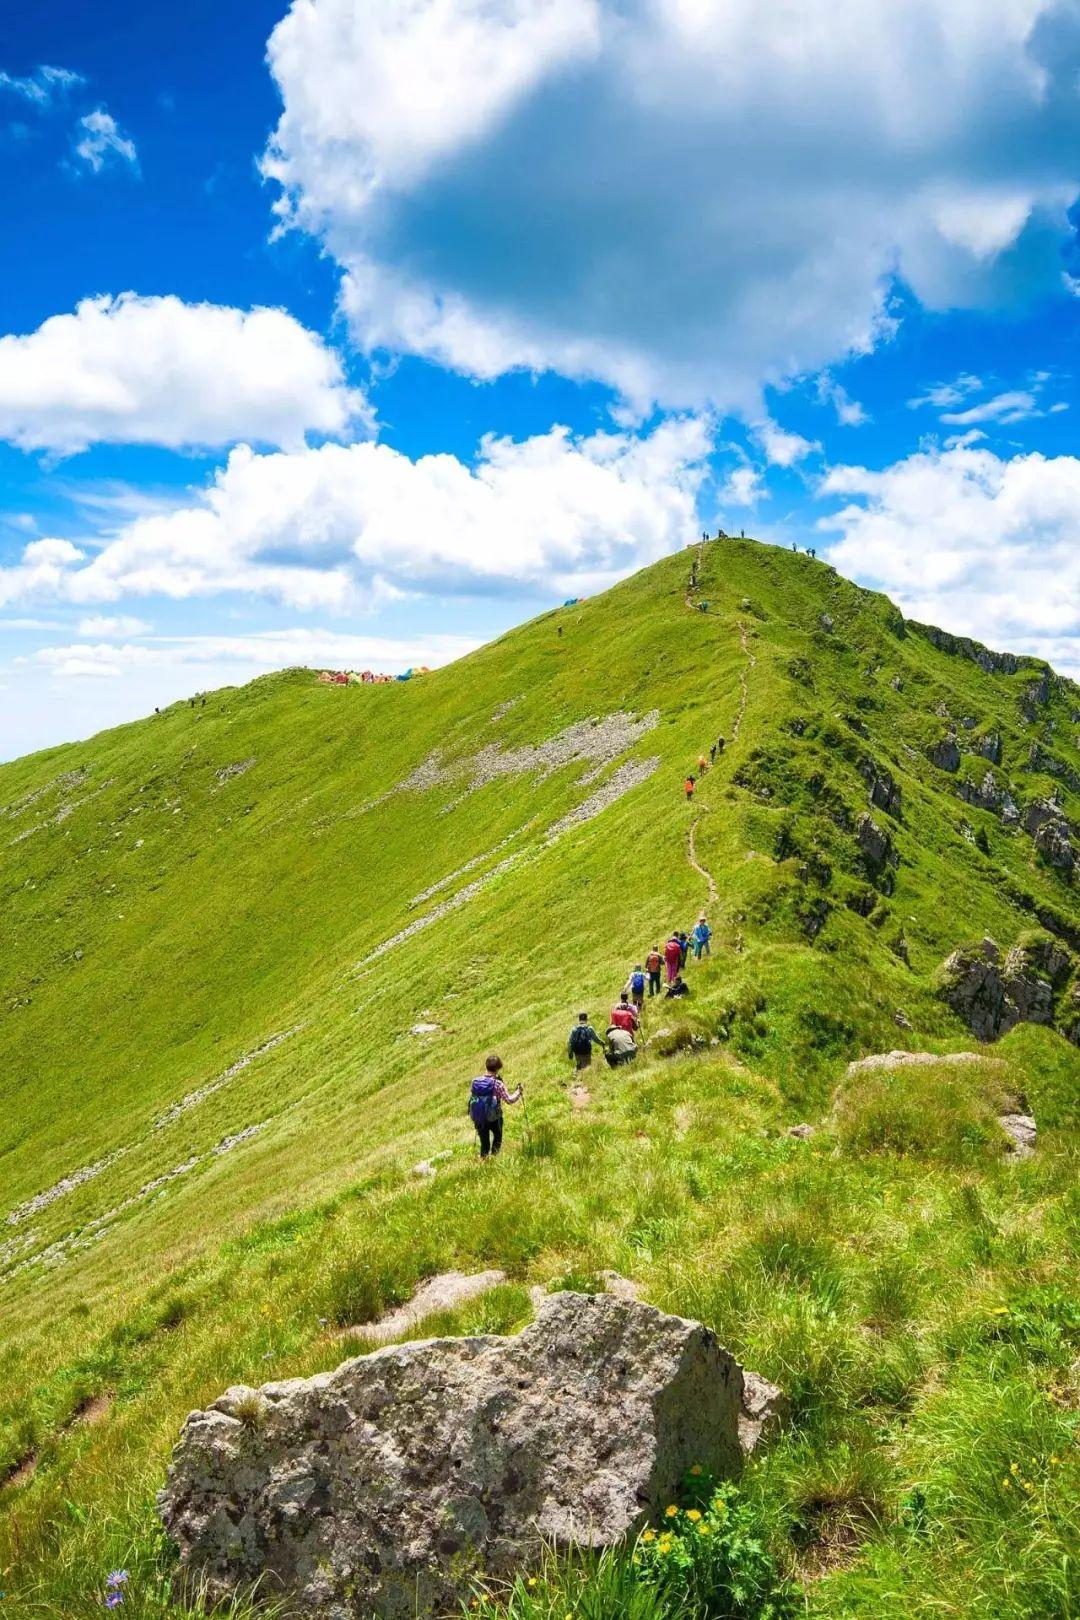 每逢重阳宜登高 十大非著名山脉人少景美